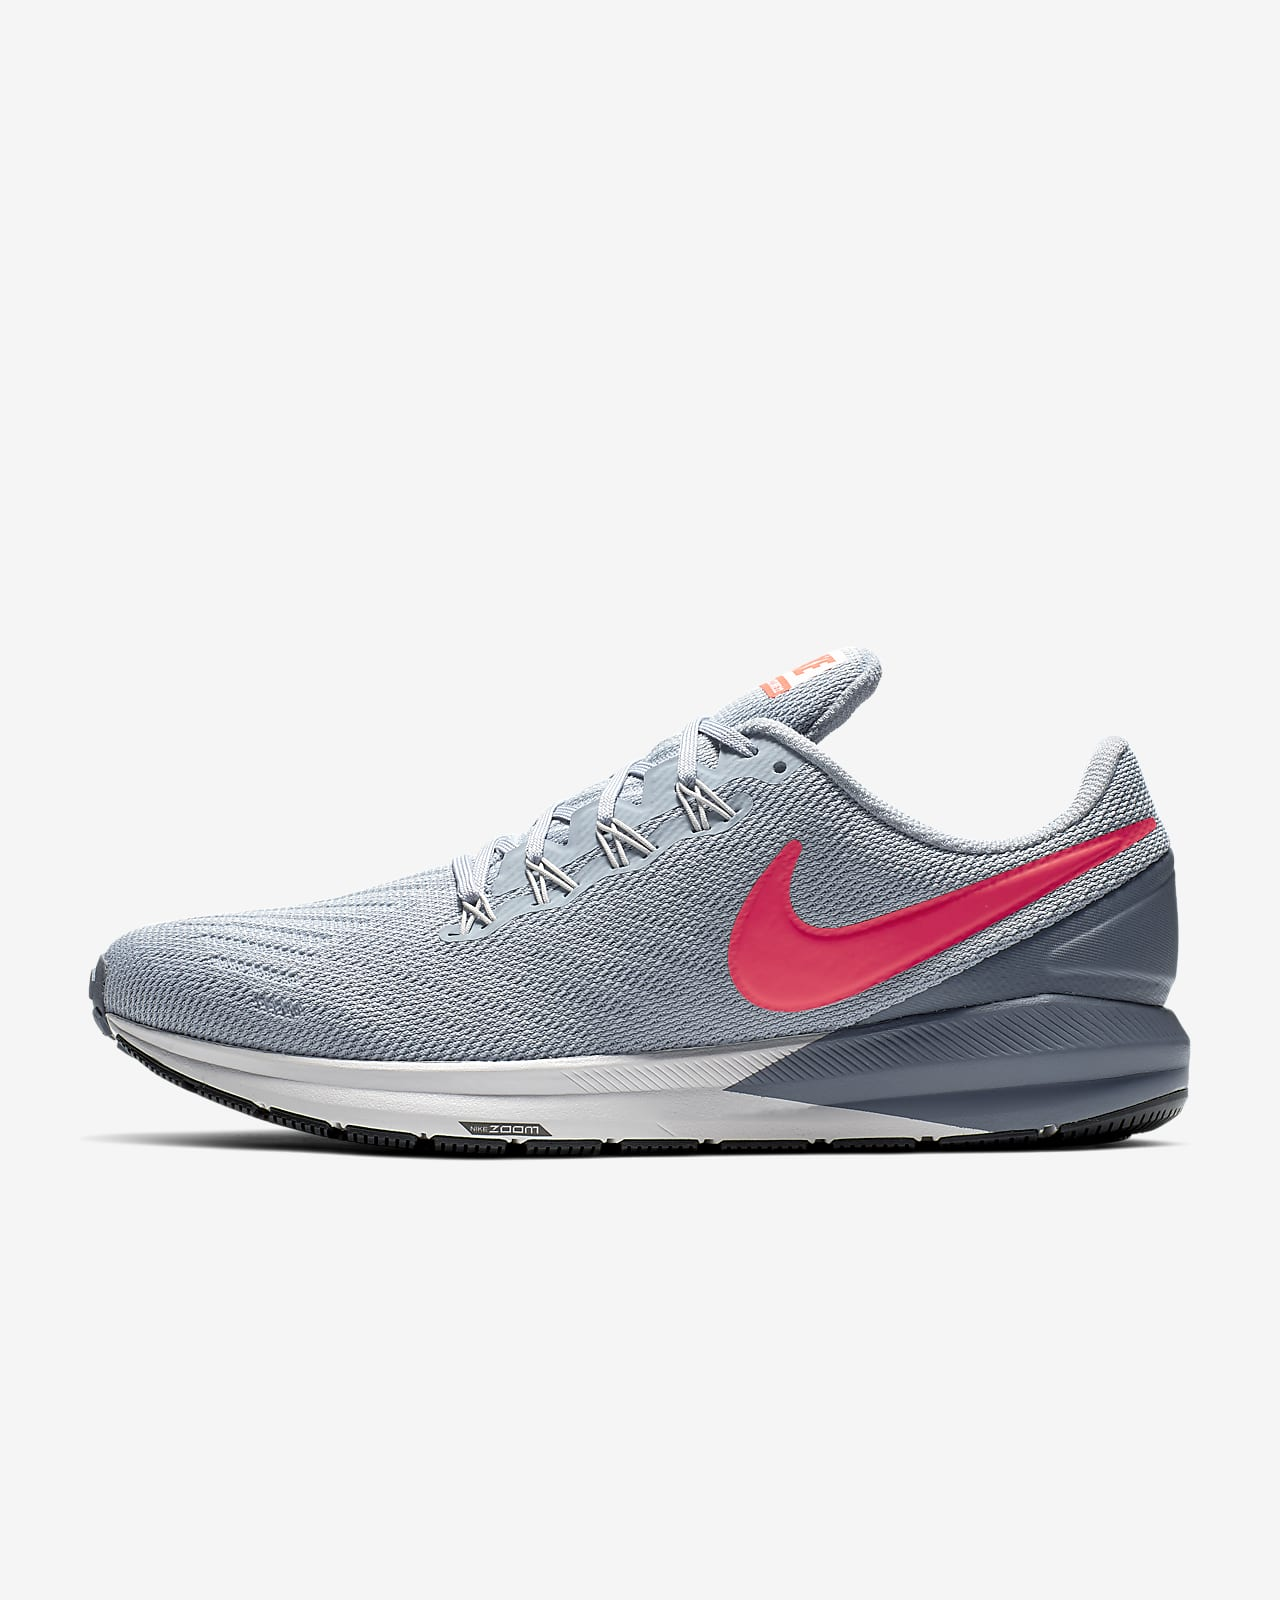 Nike Air Zoom Structure 22 Erkek Koşu Ayakkabısı